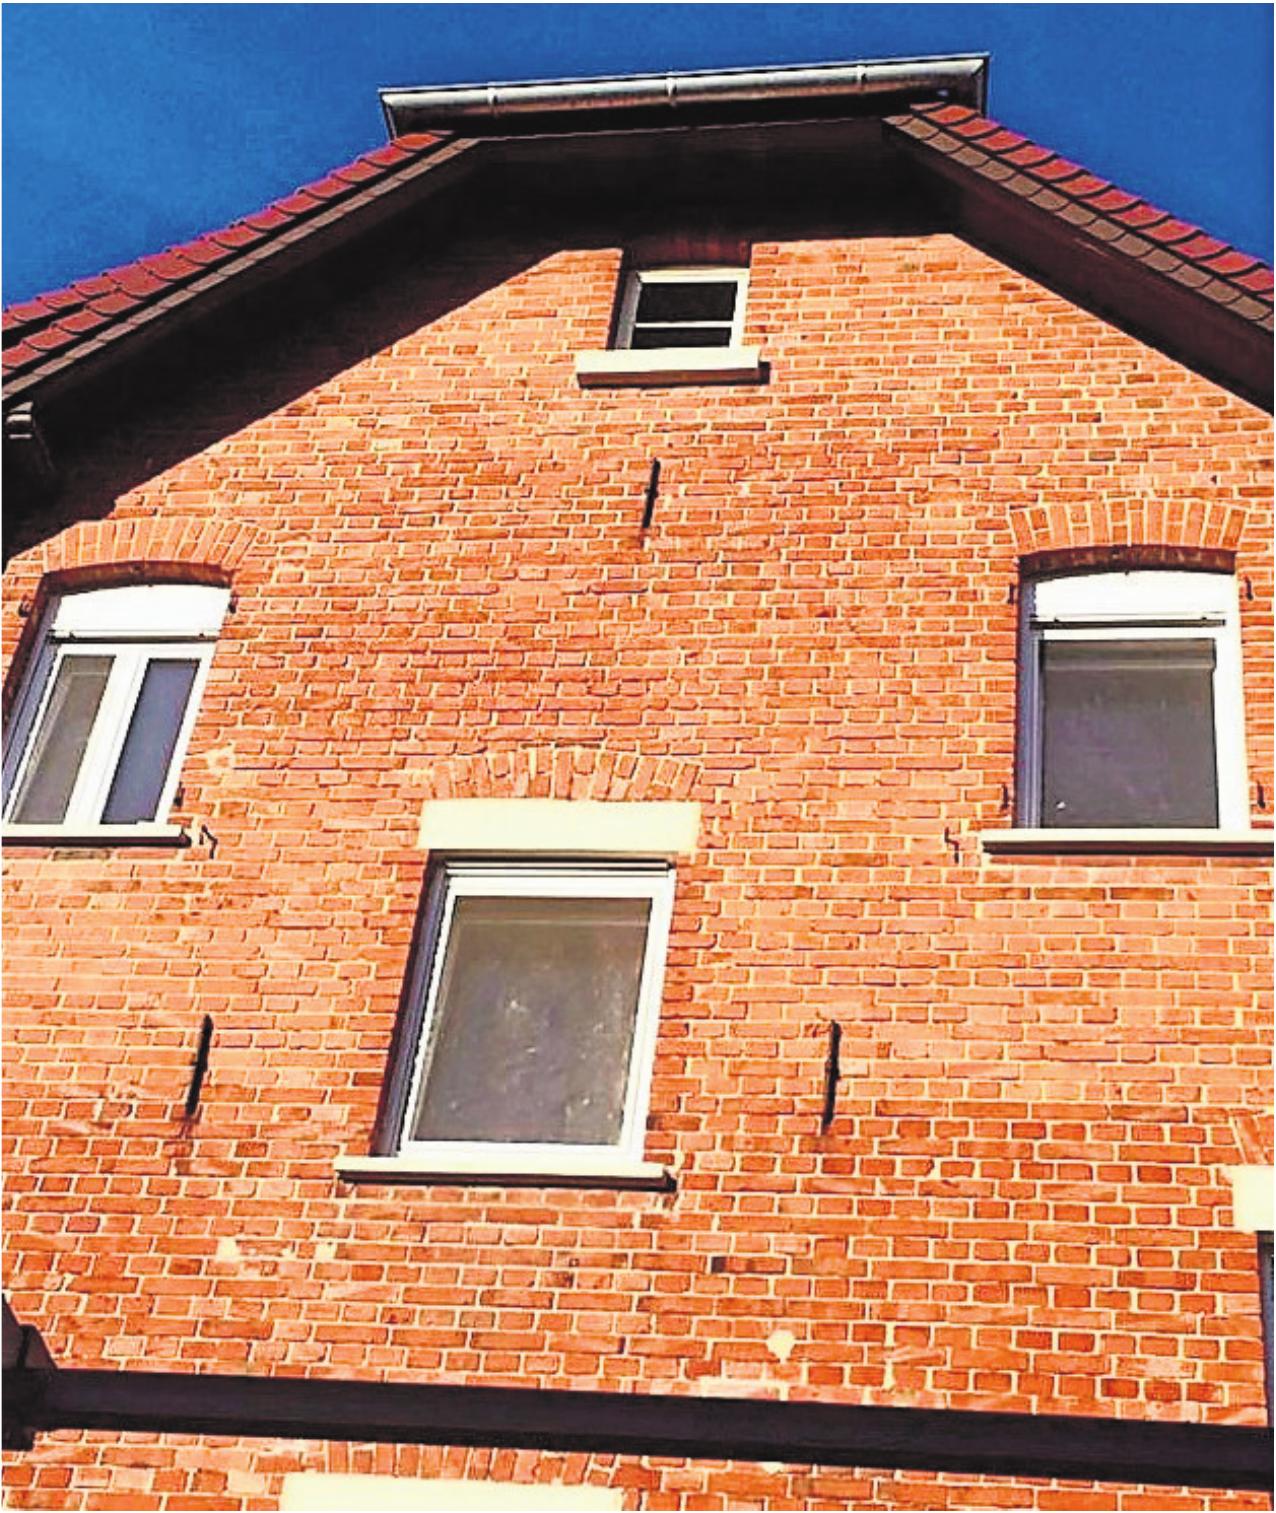 Reparaturen aller Art im und rund ums Haus gehören zum Leistungsspektrum von Maurermeister Dietmar Krauß. Foto: z